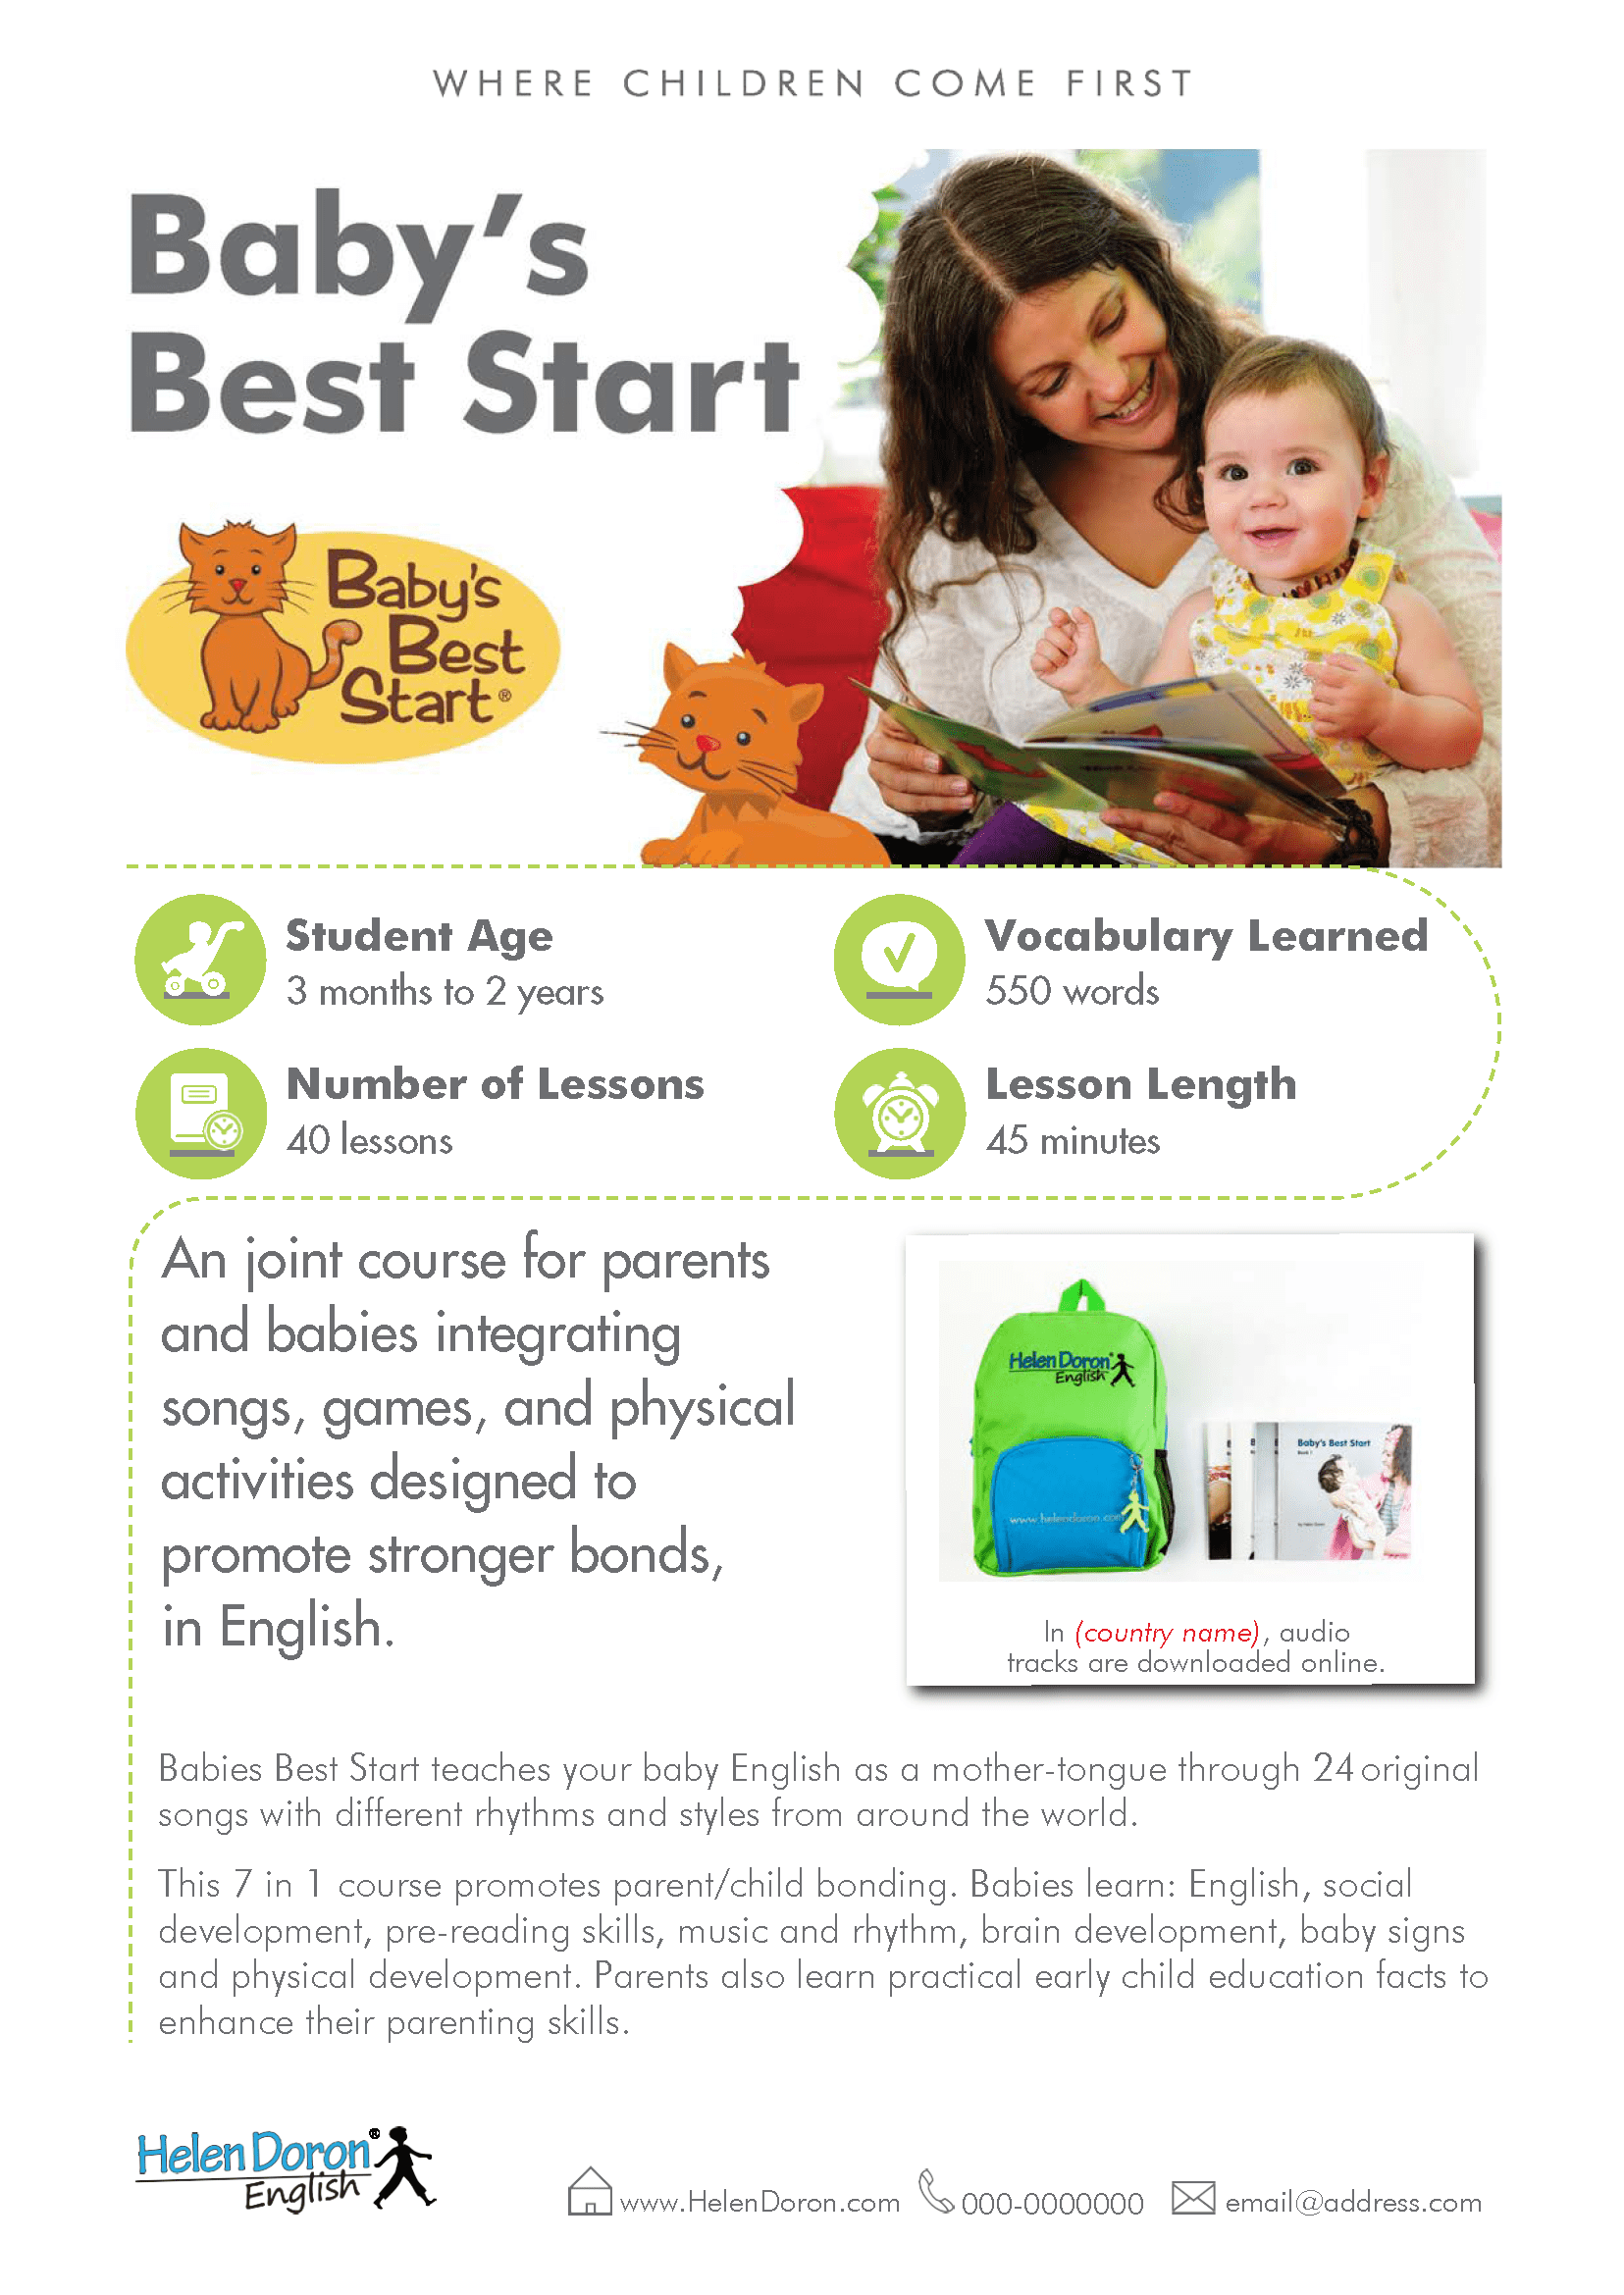 İndirin - Bebek için en iyi başlangıç (Baby's Best Start)